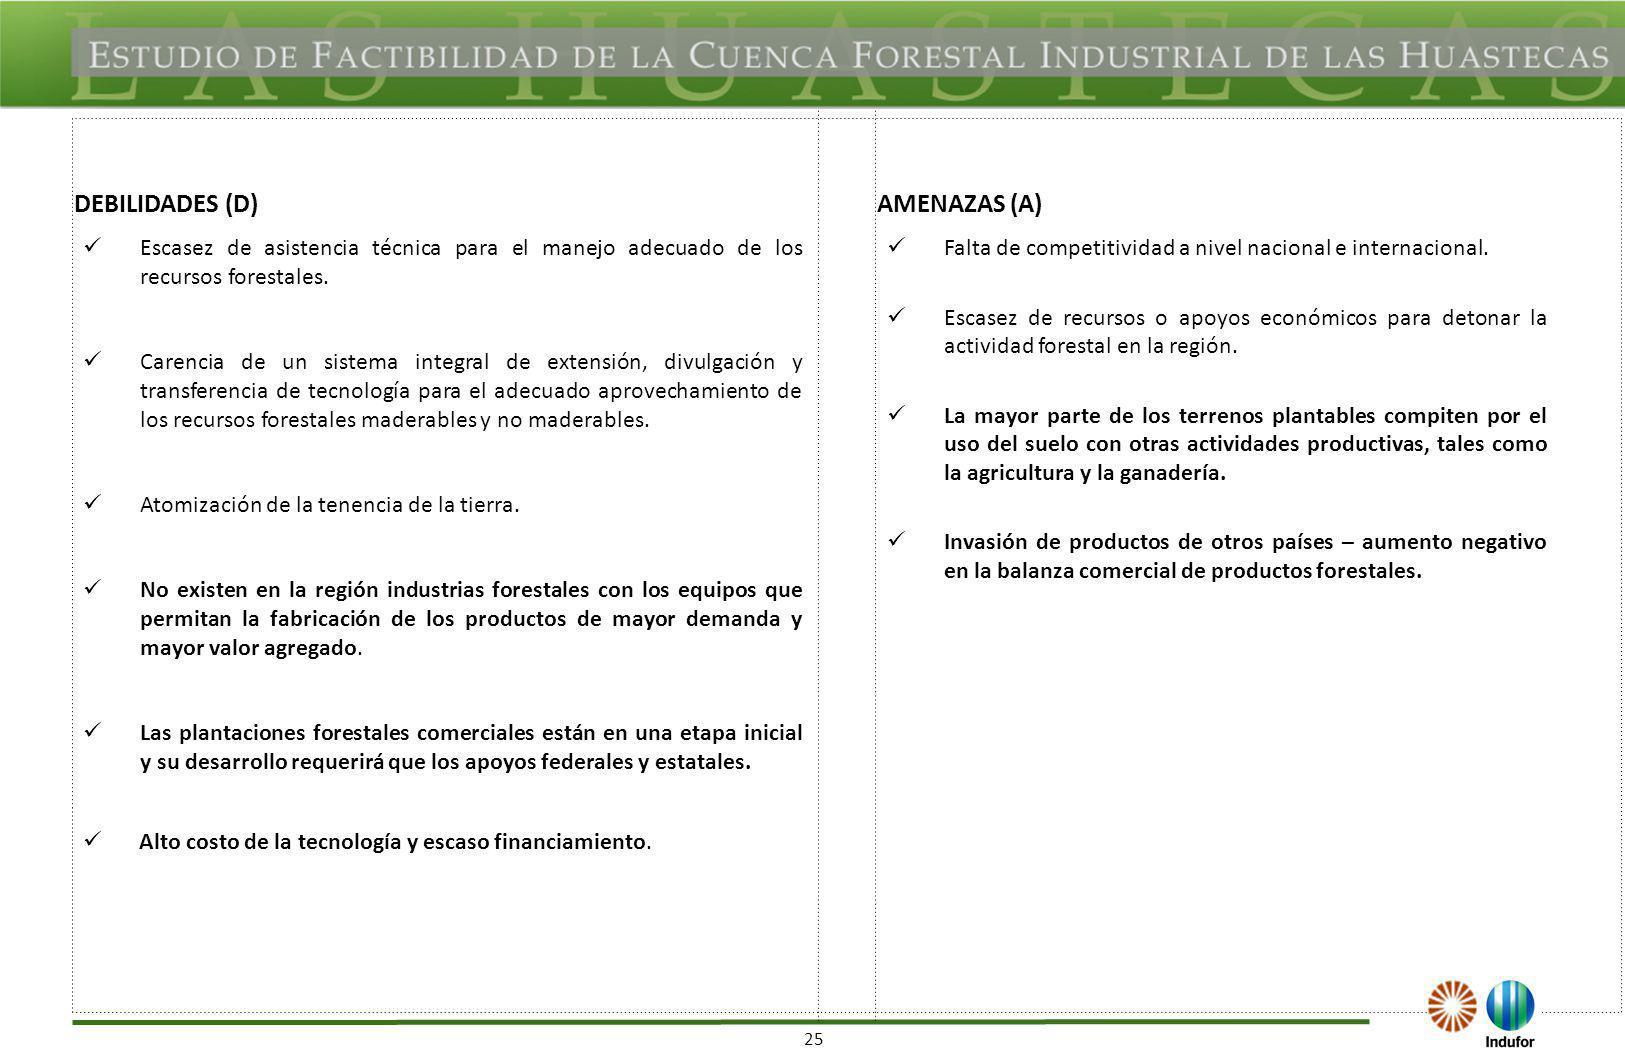 25 DEBILIDADES (D)AMENAZAS (A) Escasez de asistencia técnica para el manejo adecuado de los recursos forestales. Carencia de un sistema integral de ex